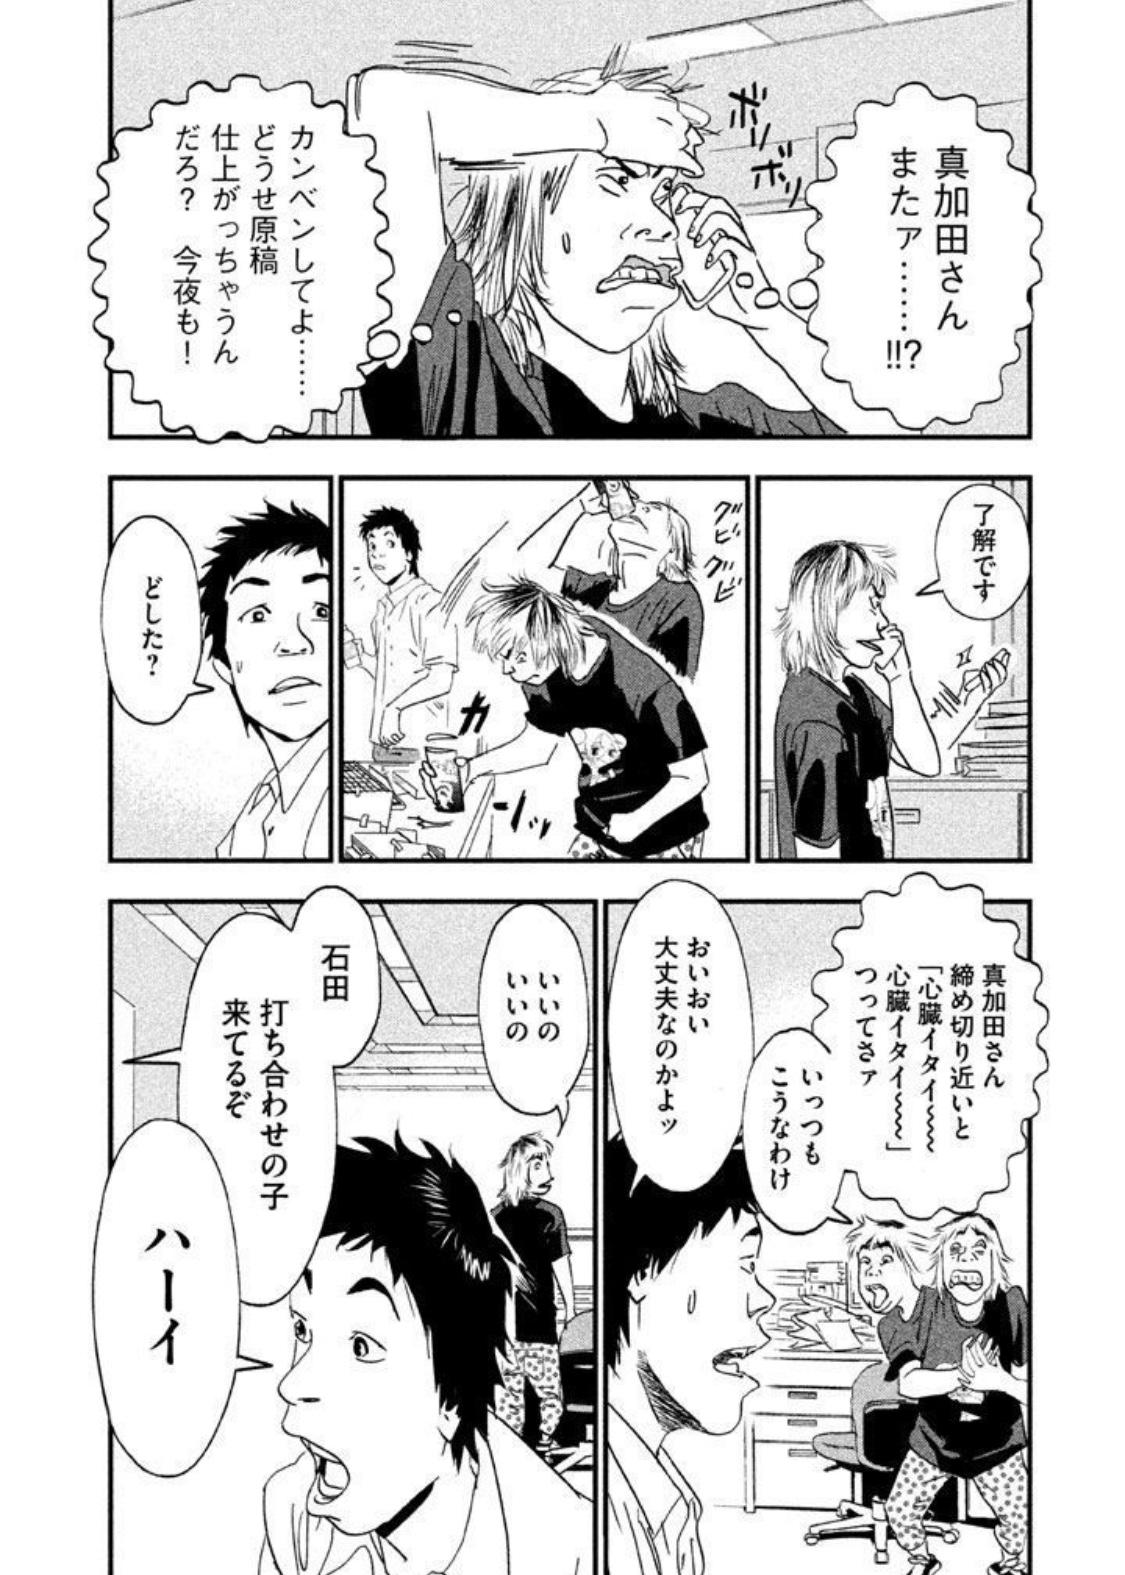 漫画『ミリオンジョー』1巻の見所をネタバレ紹介!